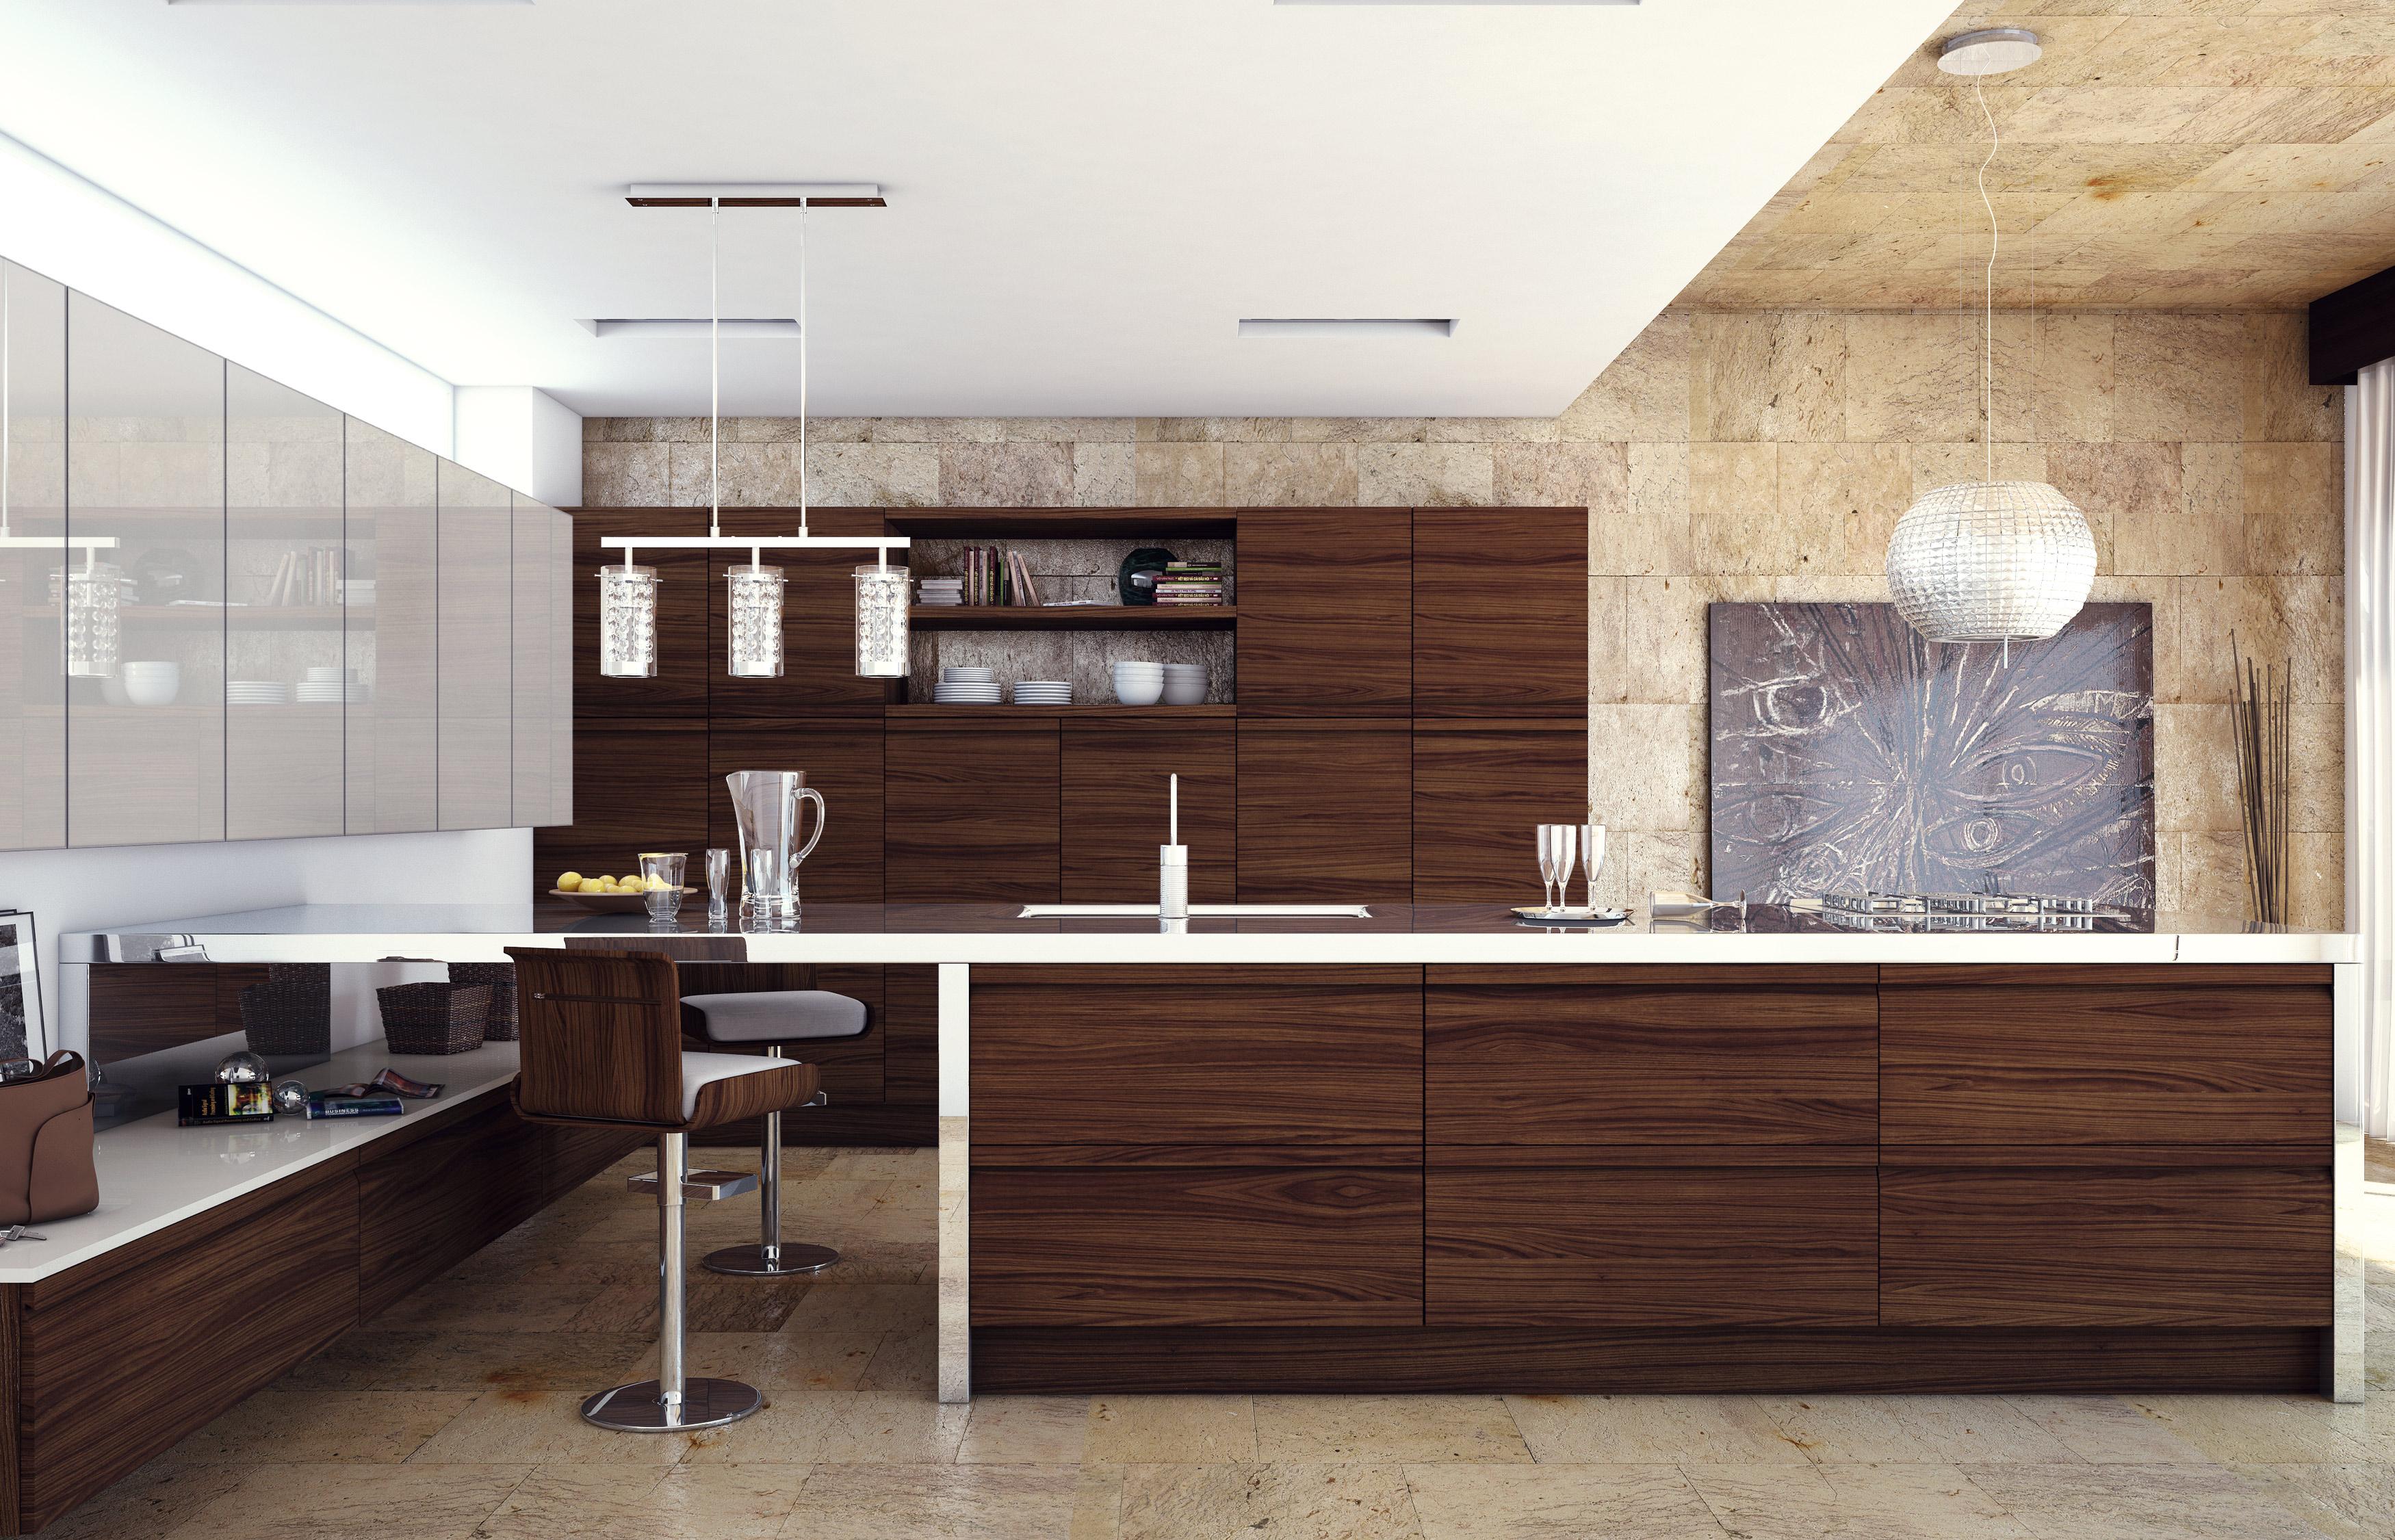 3 column text muebles de cocina y ba o online en madrid for Muebles de cocina baratos madrid